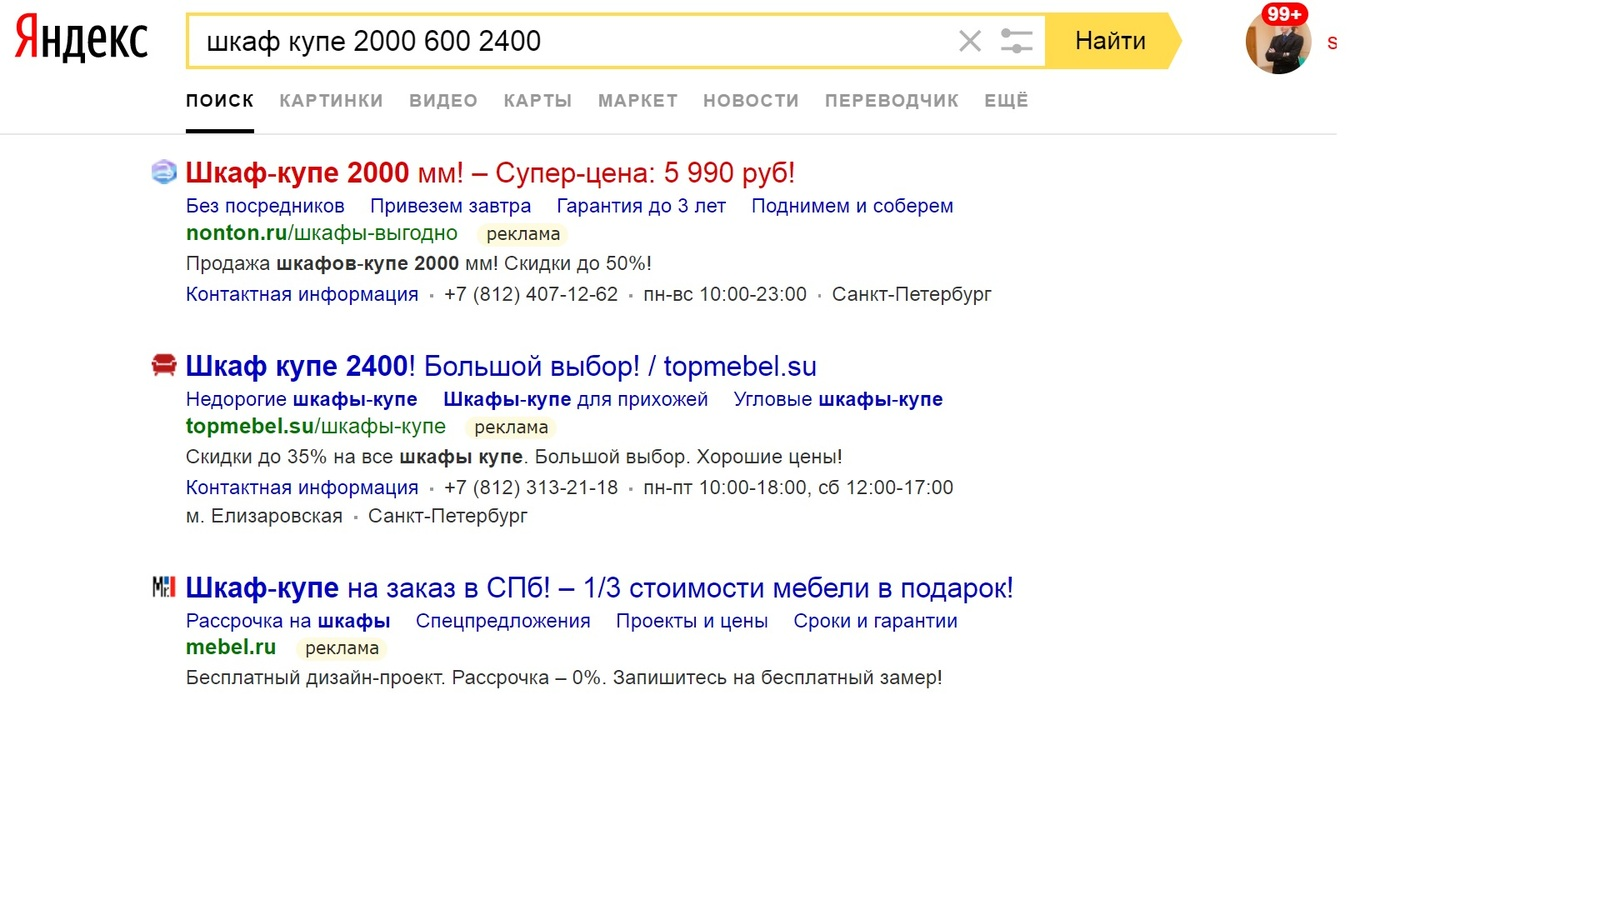 Реклама спортивных товаров в рк партнерская программа реклама google